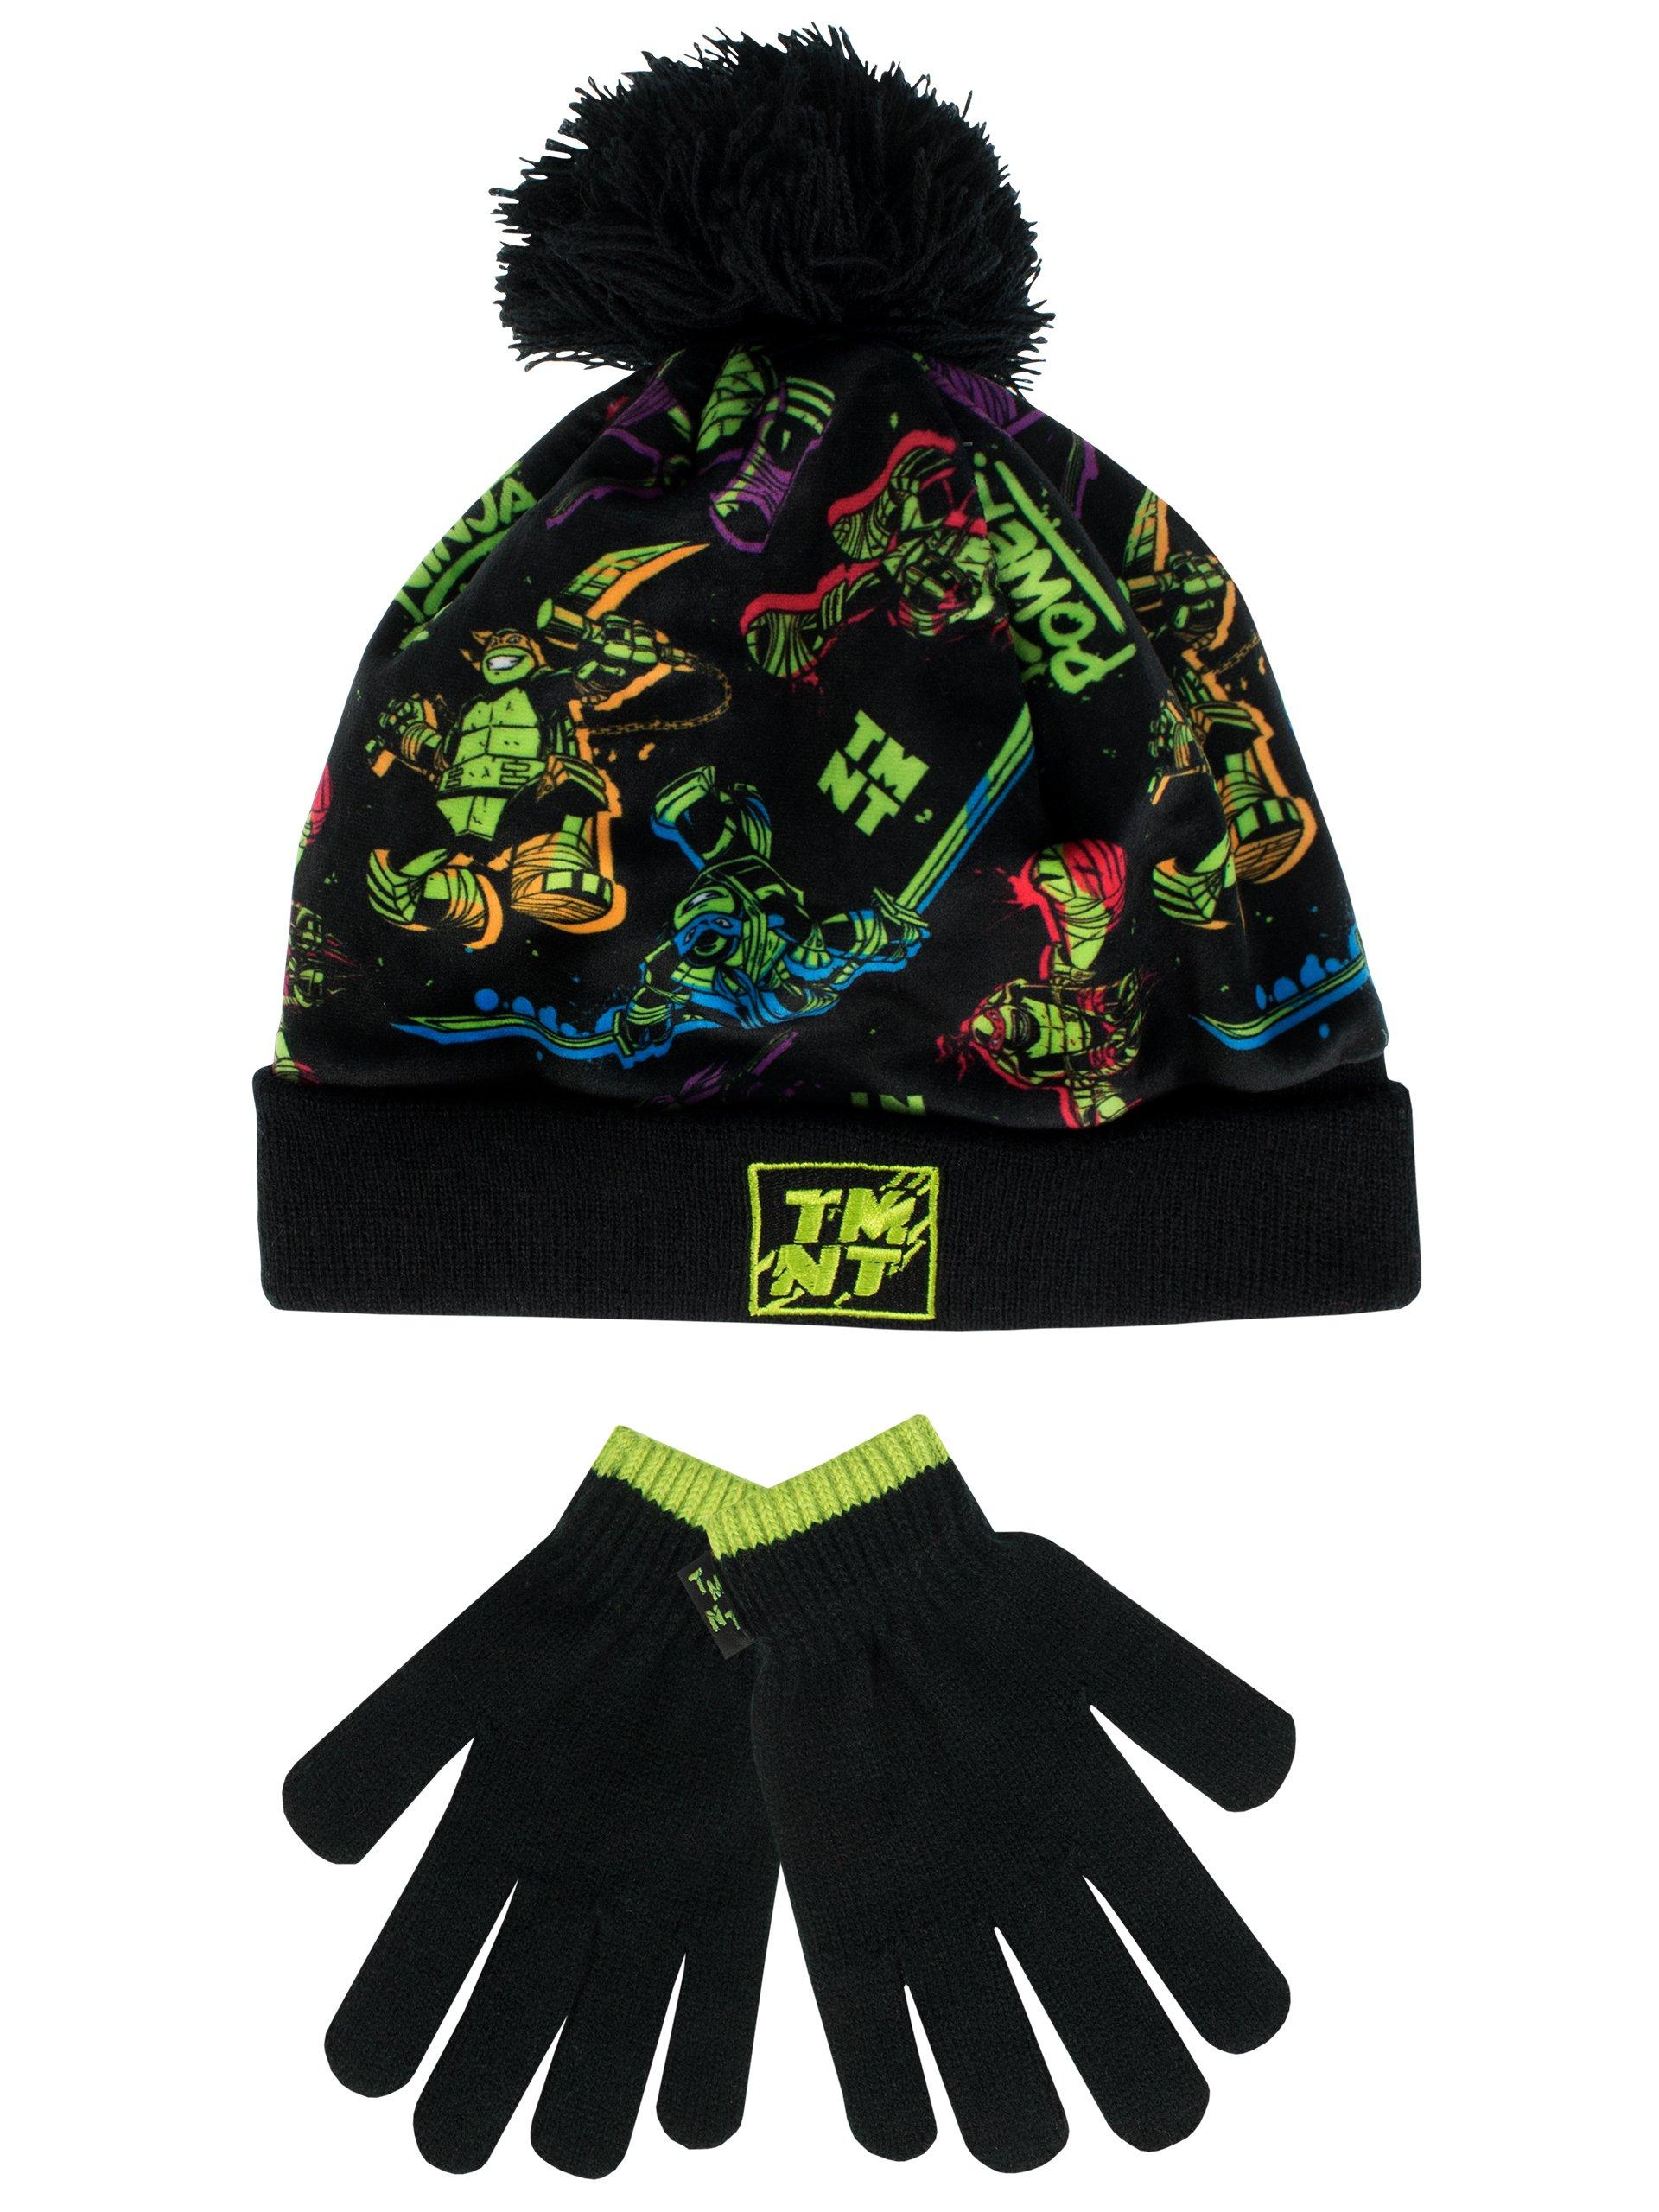 Teenage Mutant Ninja Turtles Boys' Ninja Turtles Hat and Gloves Set Size 8-10 Years